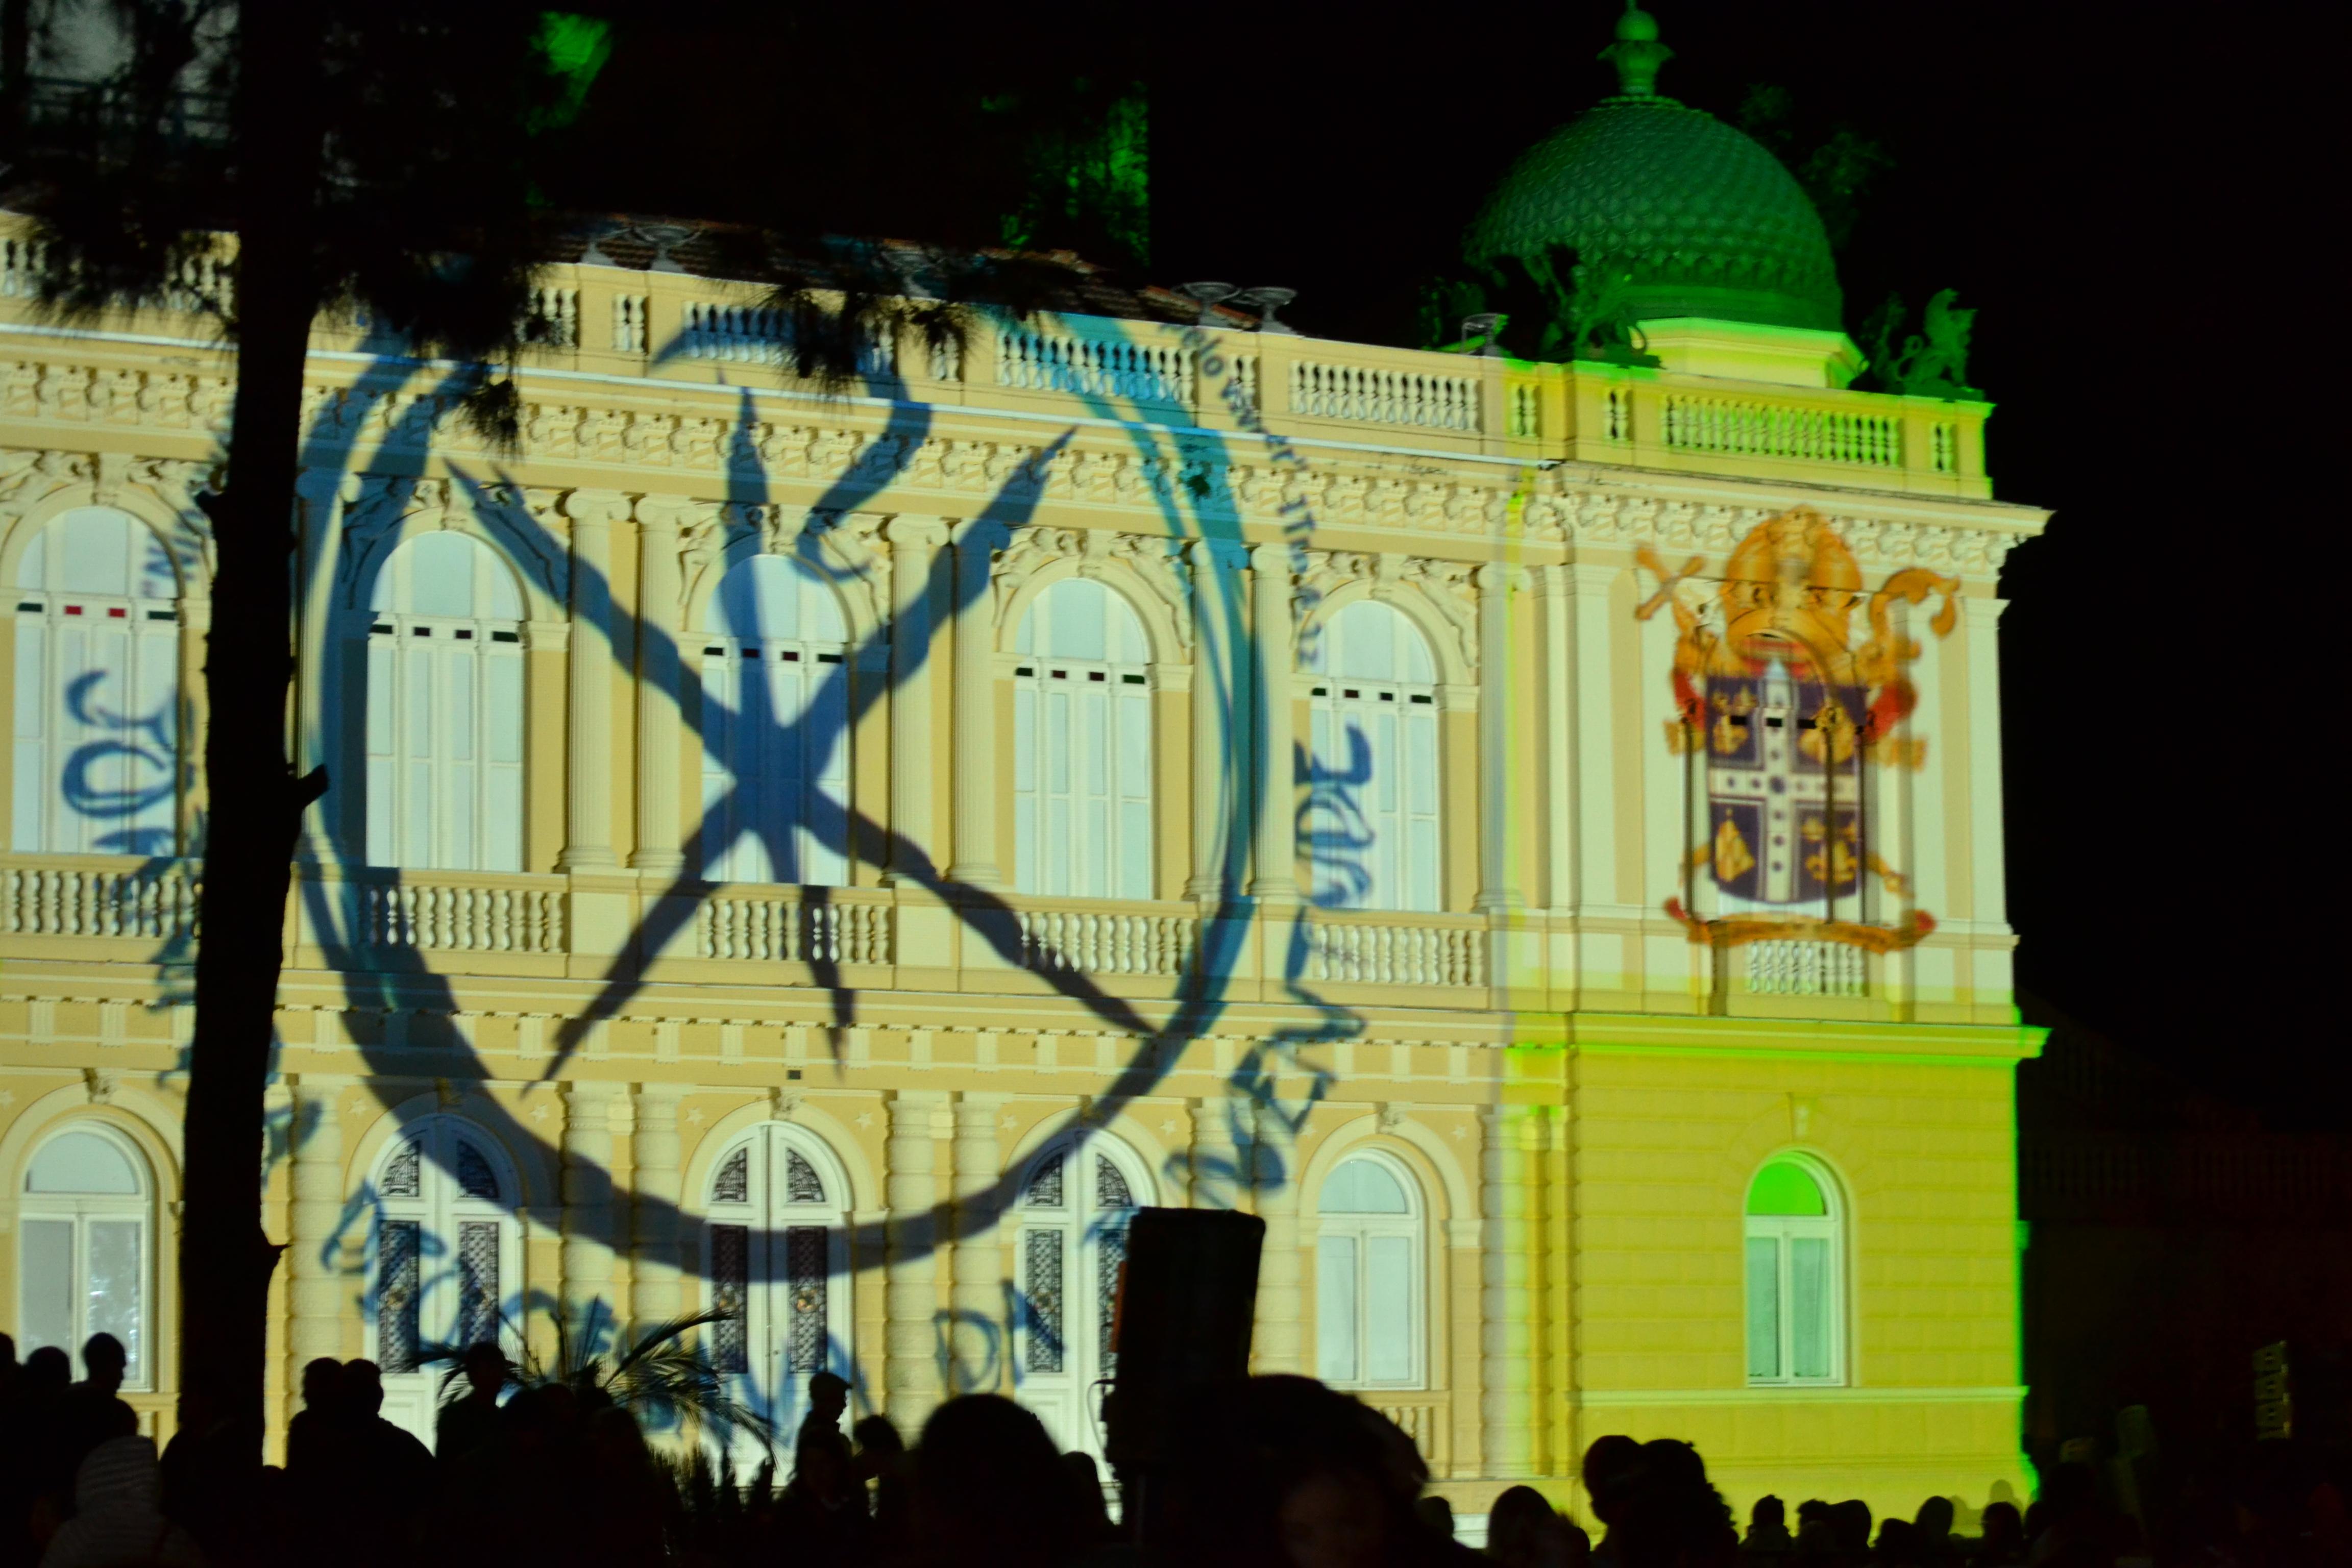 Imagens da Via Sacra foram projetadas na fachada da Câmara Municipal de Petrópolis (RJ)